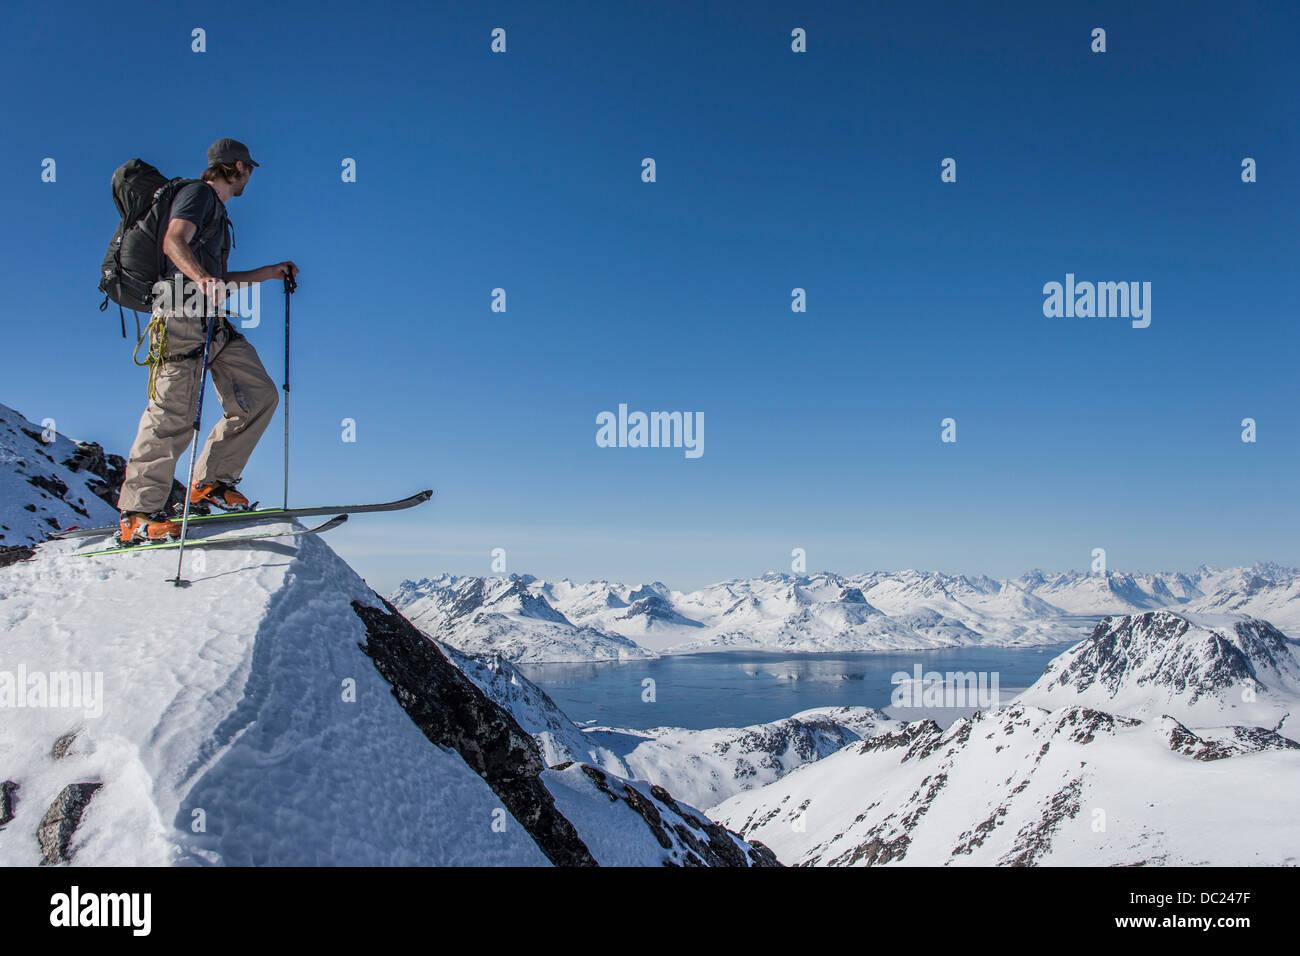 Hombre en esquís en la cima de la montaña en la zona oriental de Groenlandia Imagen De Stock